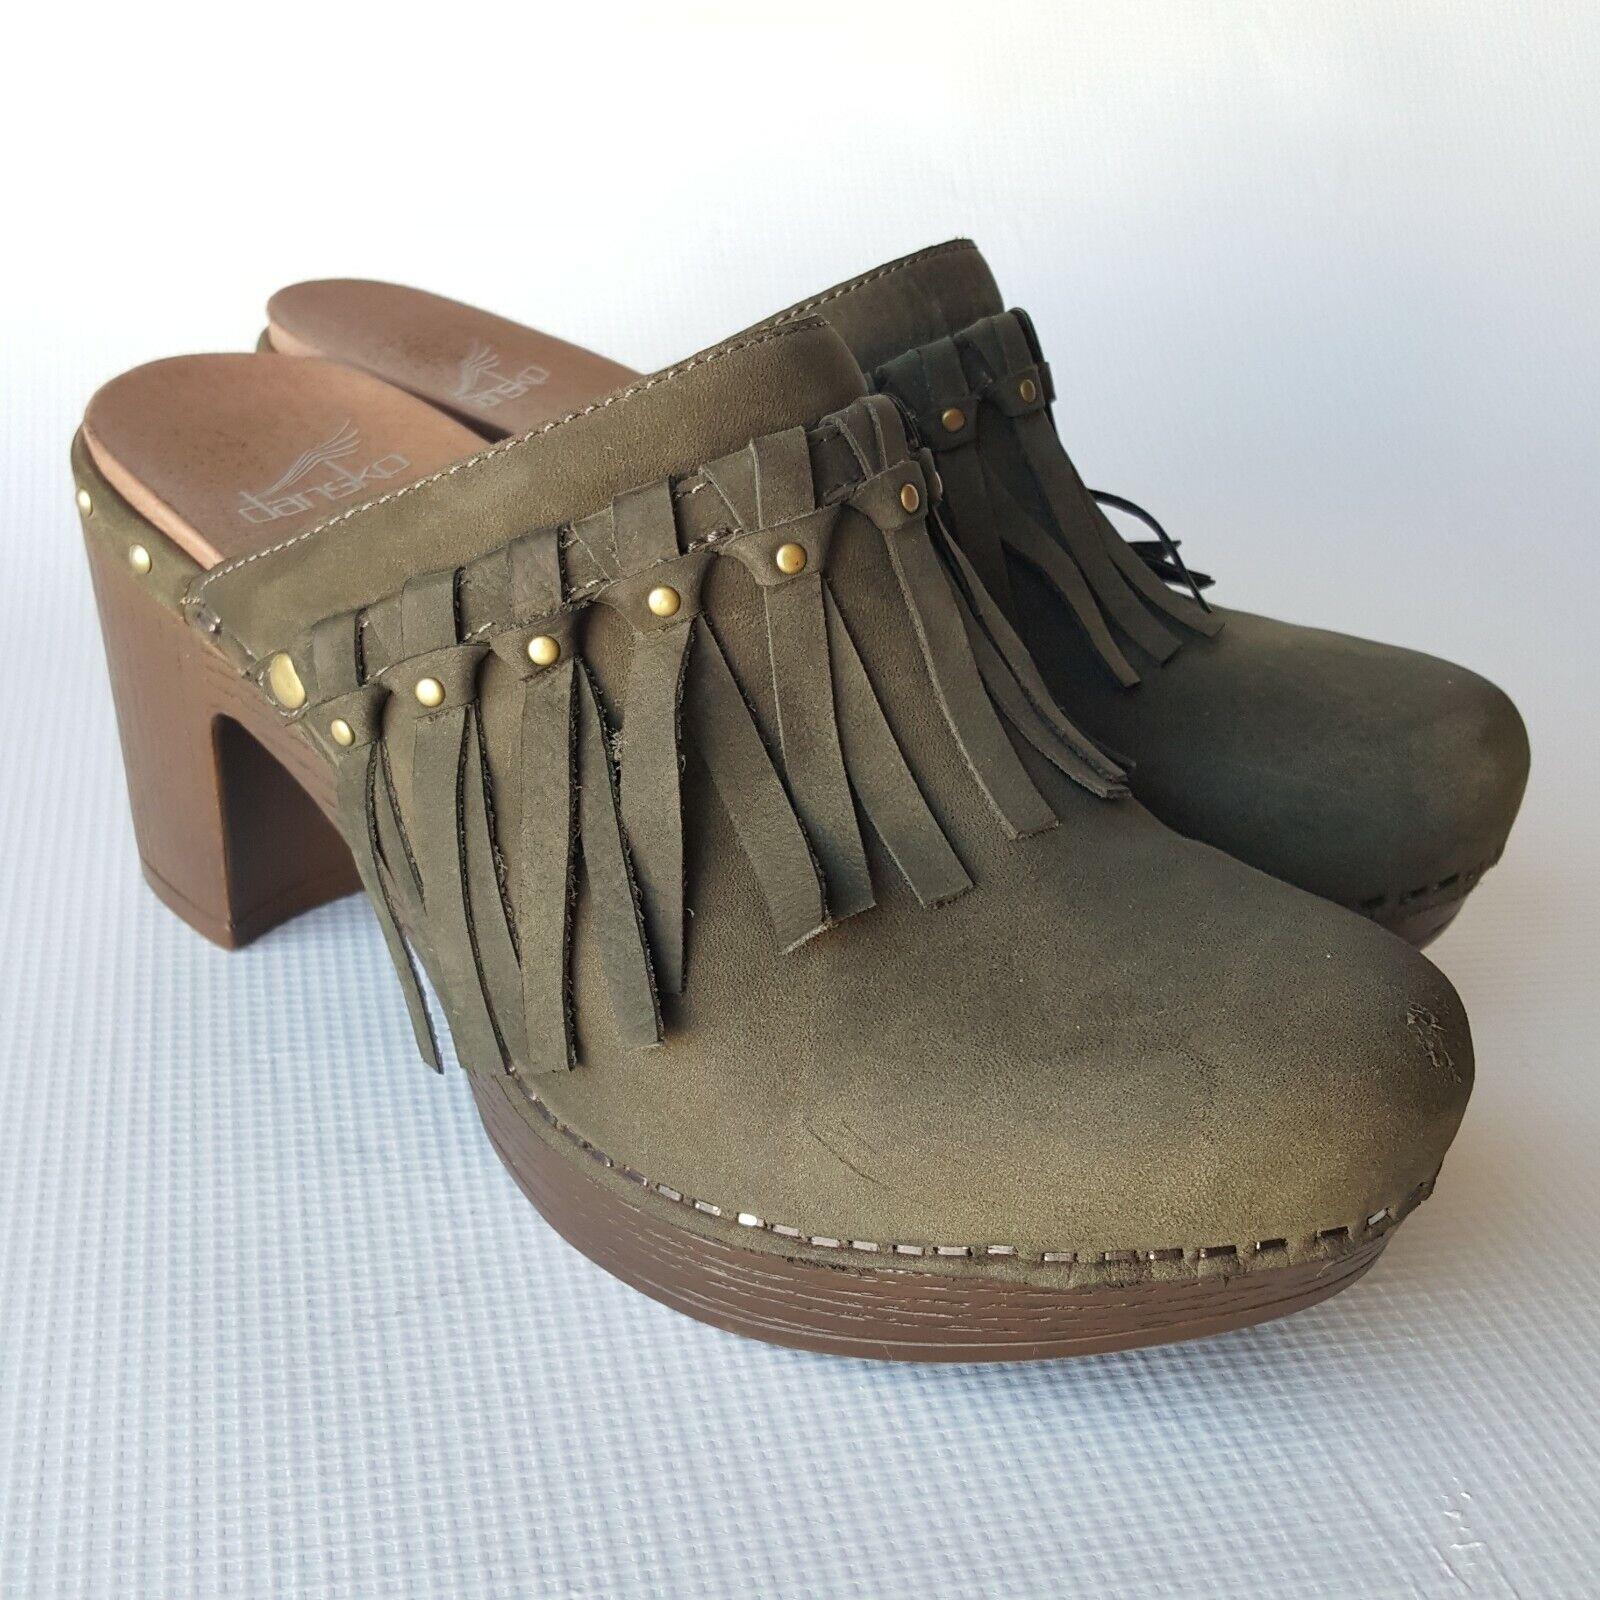 Dansko  Demi Fring Clog scarpe Olive Taupe Milled Nubuc Dimensione 37 (6.5 -7)  prezzi più convenienti